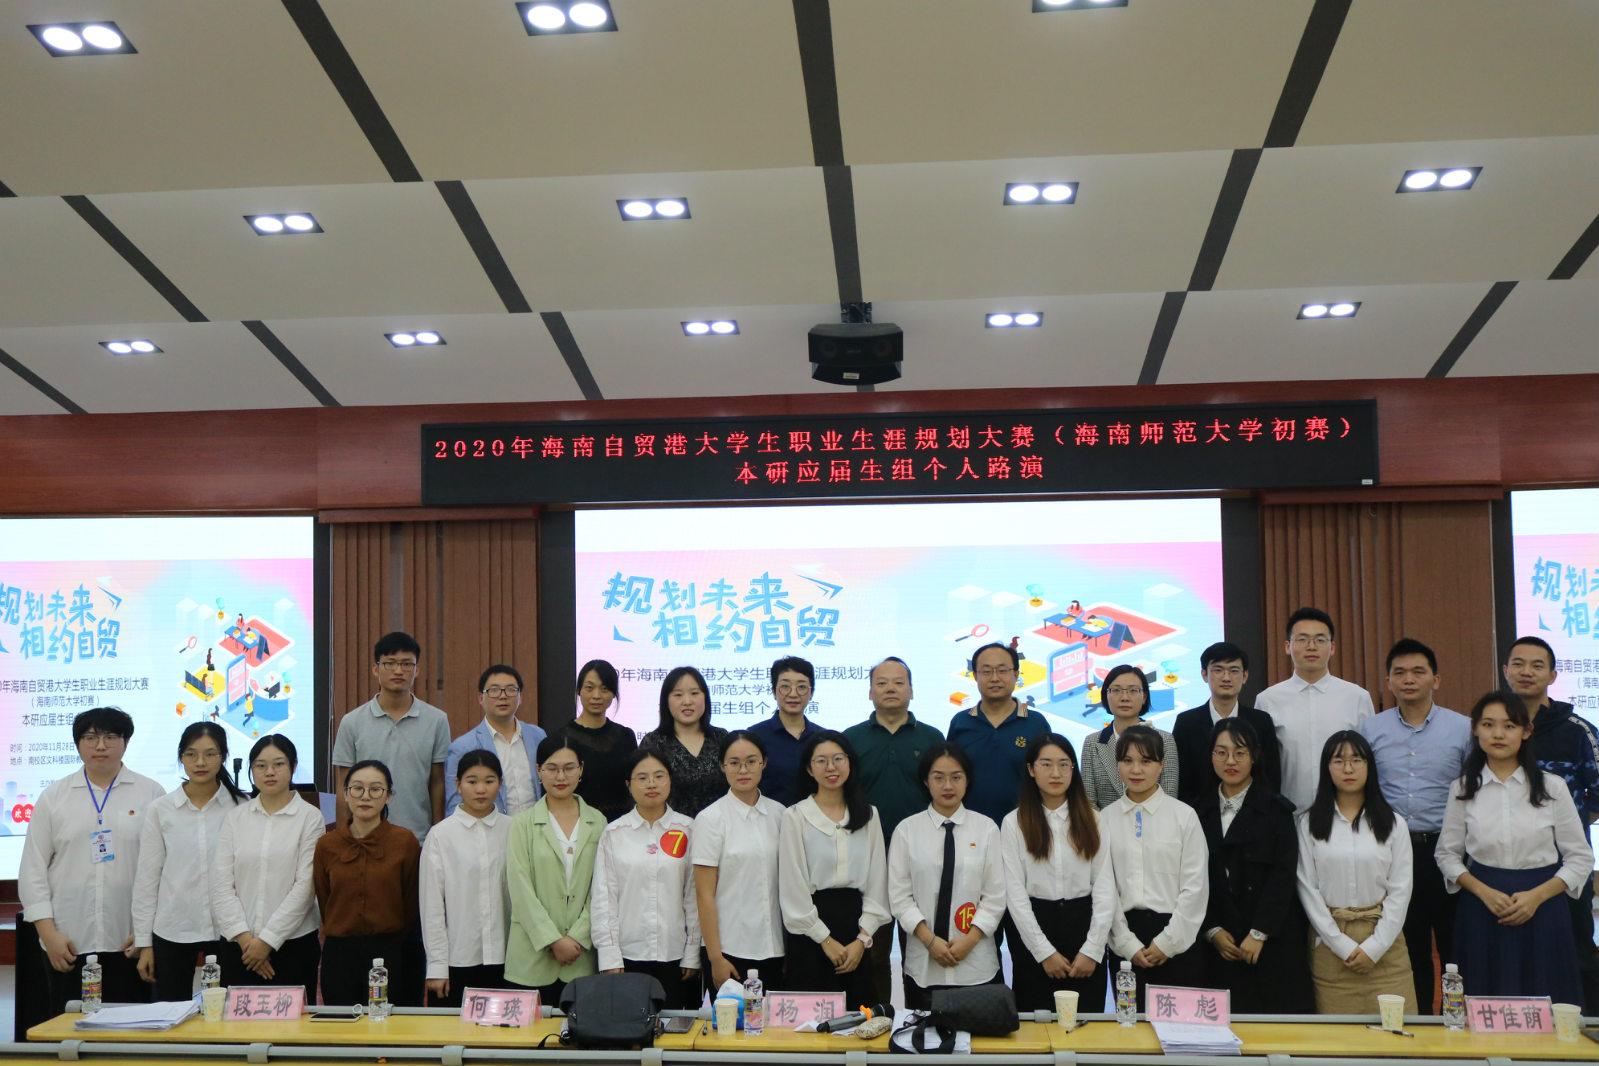 2020海南自贸港大学生职业生涯规划大赛(海南师范大学初赛)  应届生组比赛圆满结束